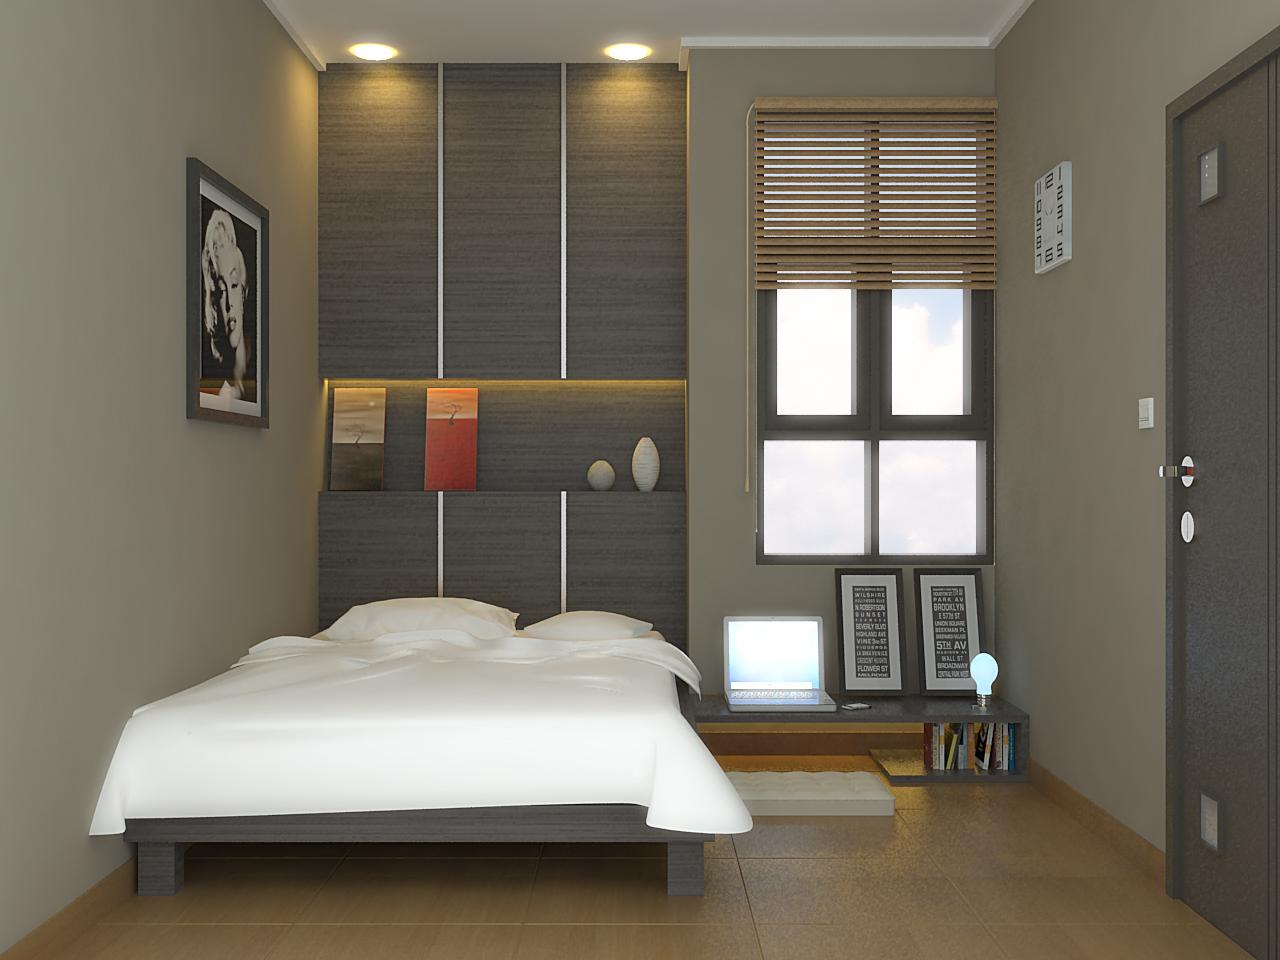 Desain Kamar Tidur Sederhana Tanpa Ranjang Interior Rumah